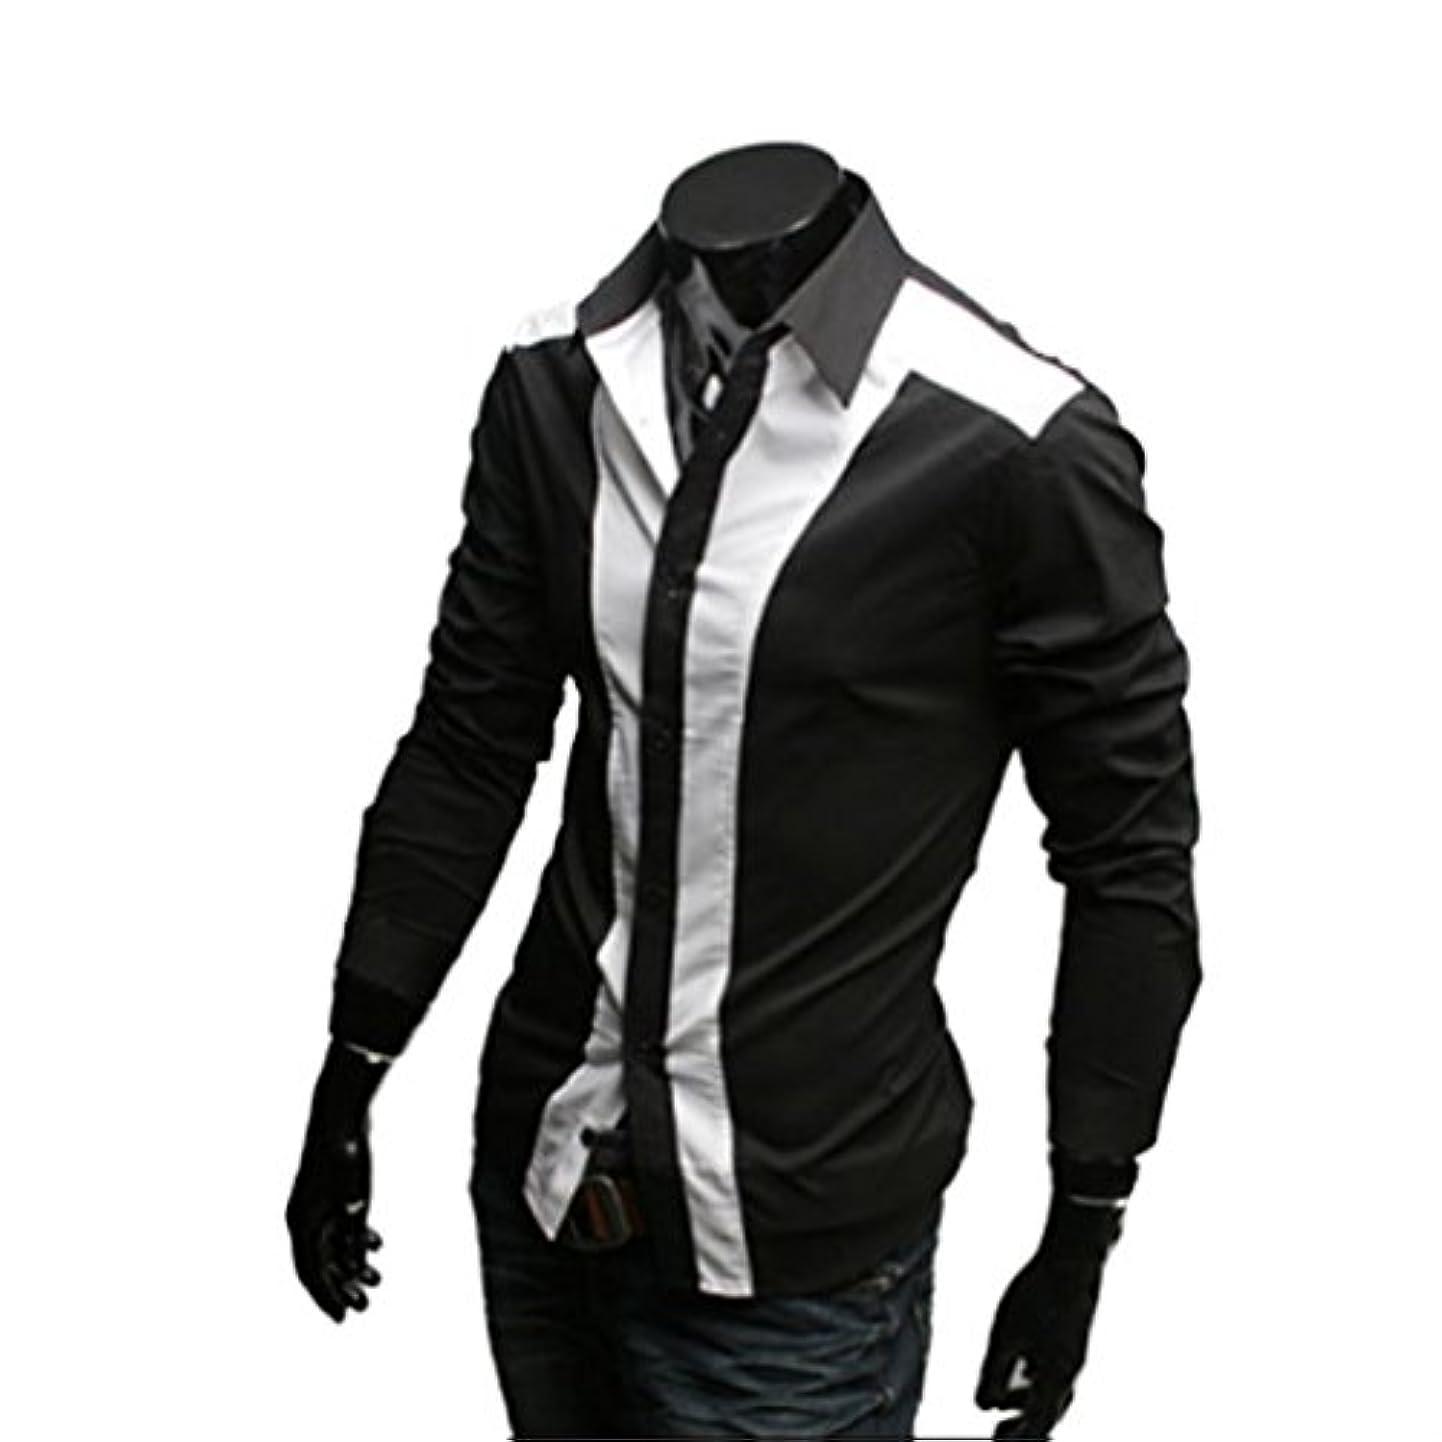 滑るリラックスしたハプニングHonghu メンズ シャツ 長袖  ステッチスリムブラック XL 1PC